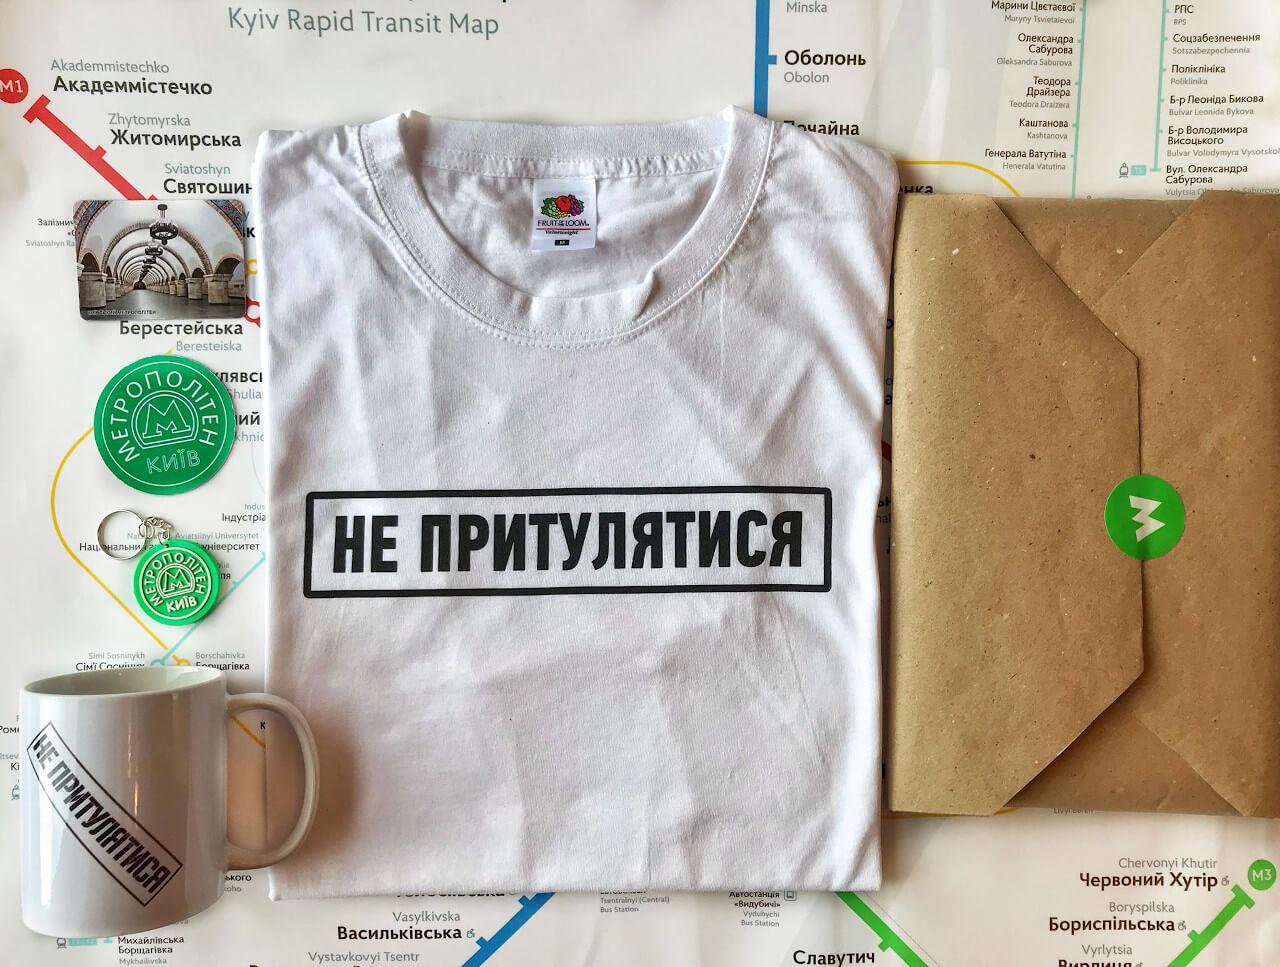 Музей метро Киев